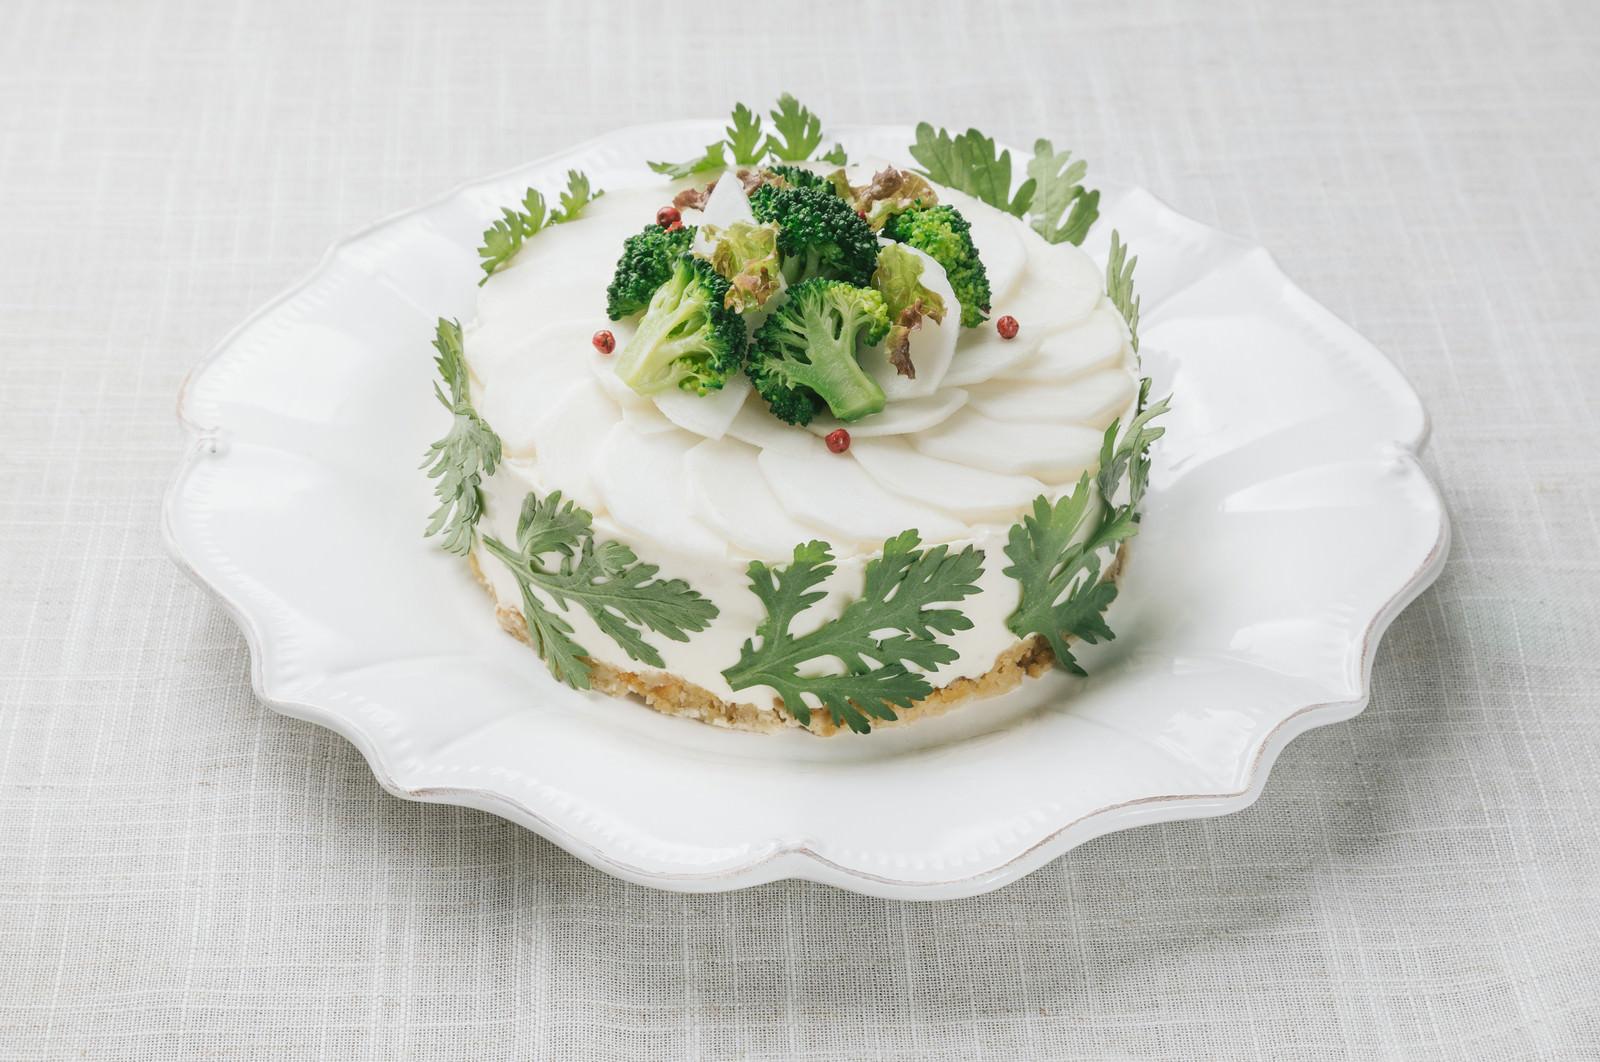 「ビタミンと食物繊維がたっぷりデトックス「ベジデコグリーンケーキ」」の写真